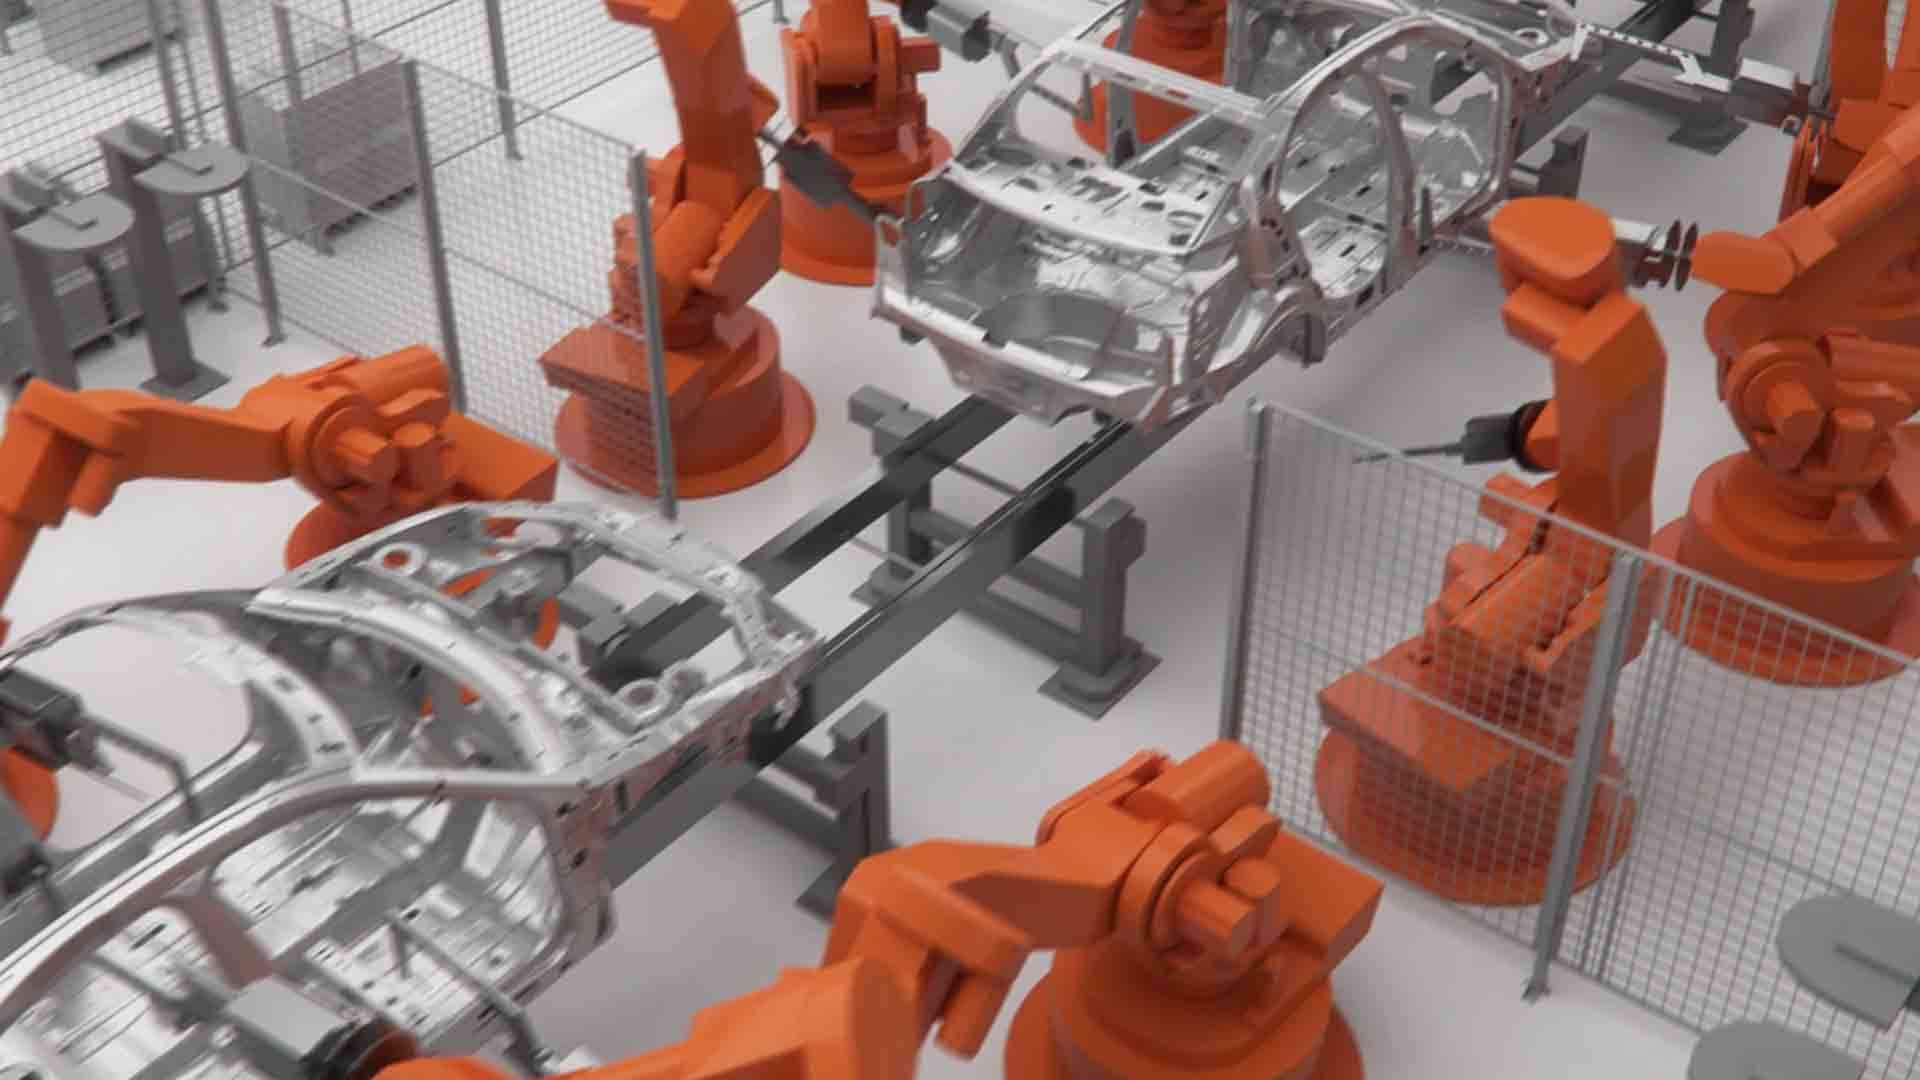 Zu sehen ist eine Maschine. Diese Maschine baut Autos zusammen. Die Hebearme der Maschine sind orange. Vor ihr ist ein Laufband angebracht. Auf diesem fahren silberne Gerüste von Autos entlang. Das Bild dient als Sliderbild für den Portfolioeintrag BMW Plant San Luis Potosí Mexico von Panda Pictures.